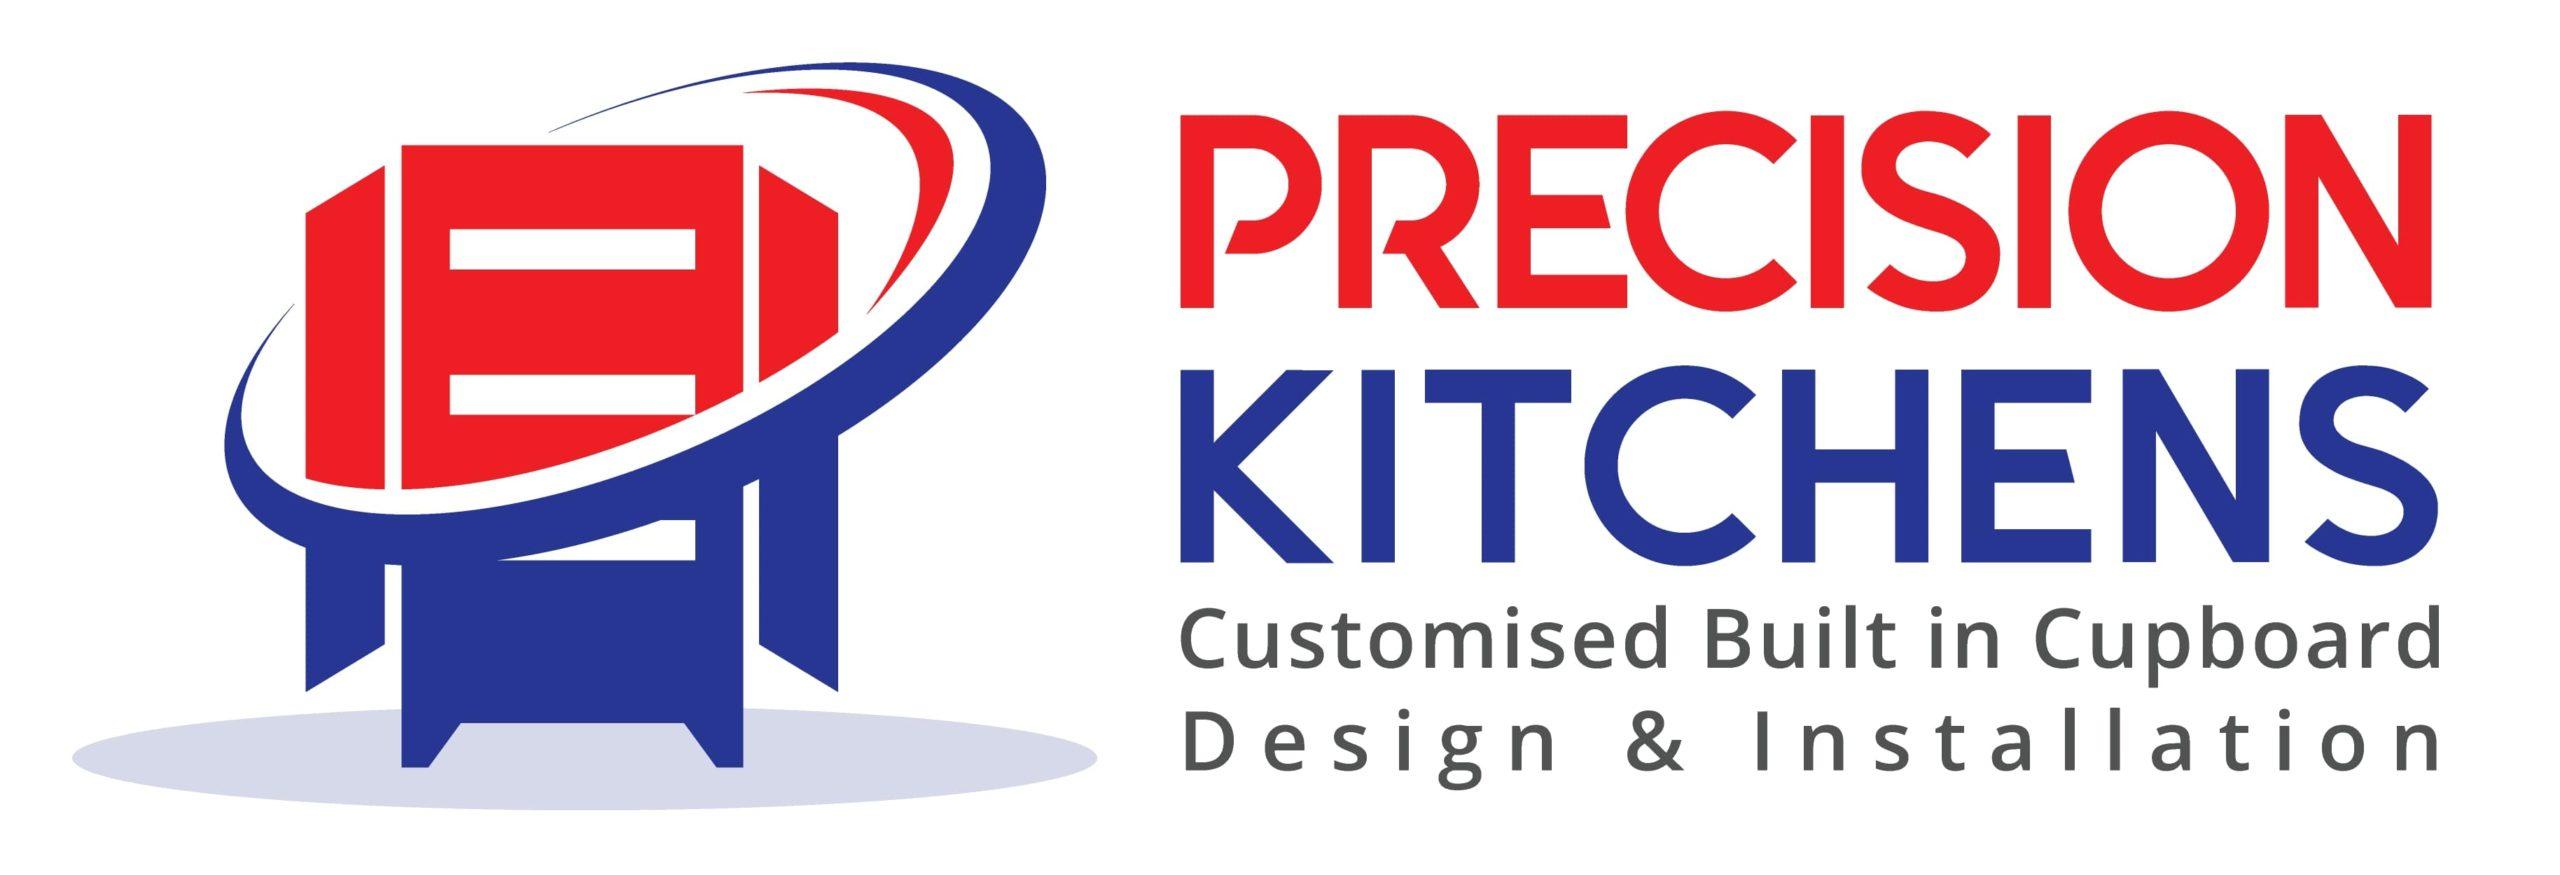 Precision Carpenters (Pty) Ltd